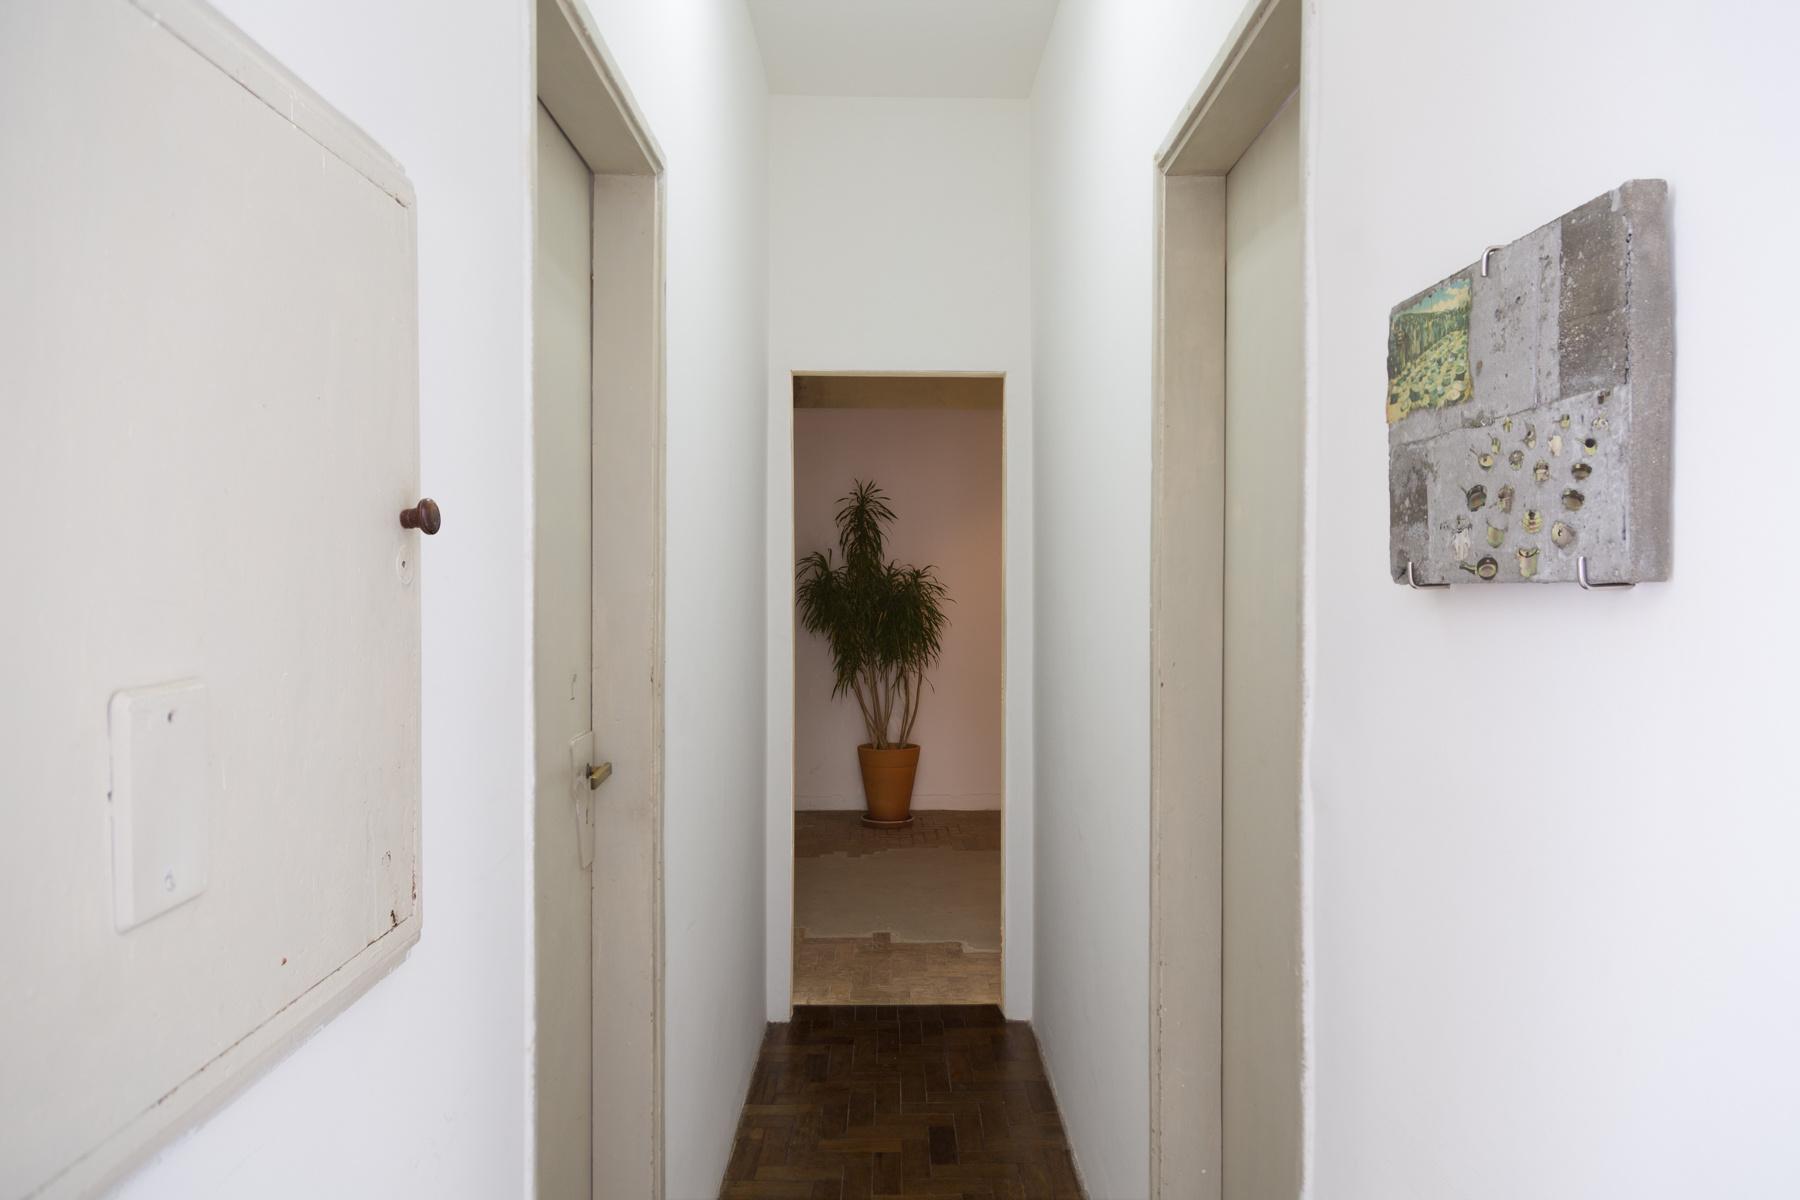 33 Observatório - Hipótese e Horizonte - Vista da exposição